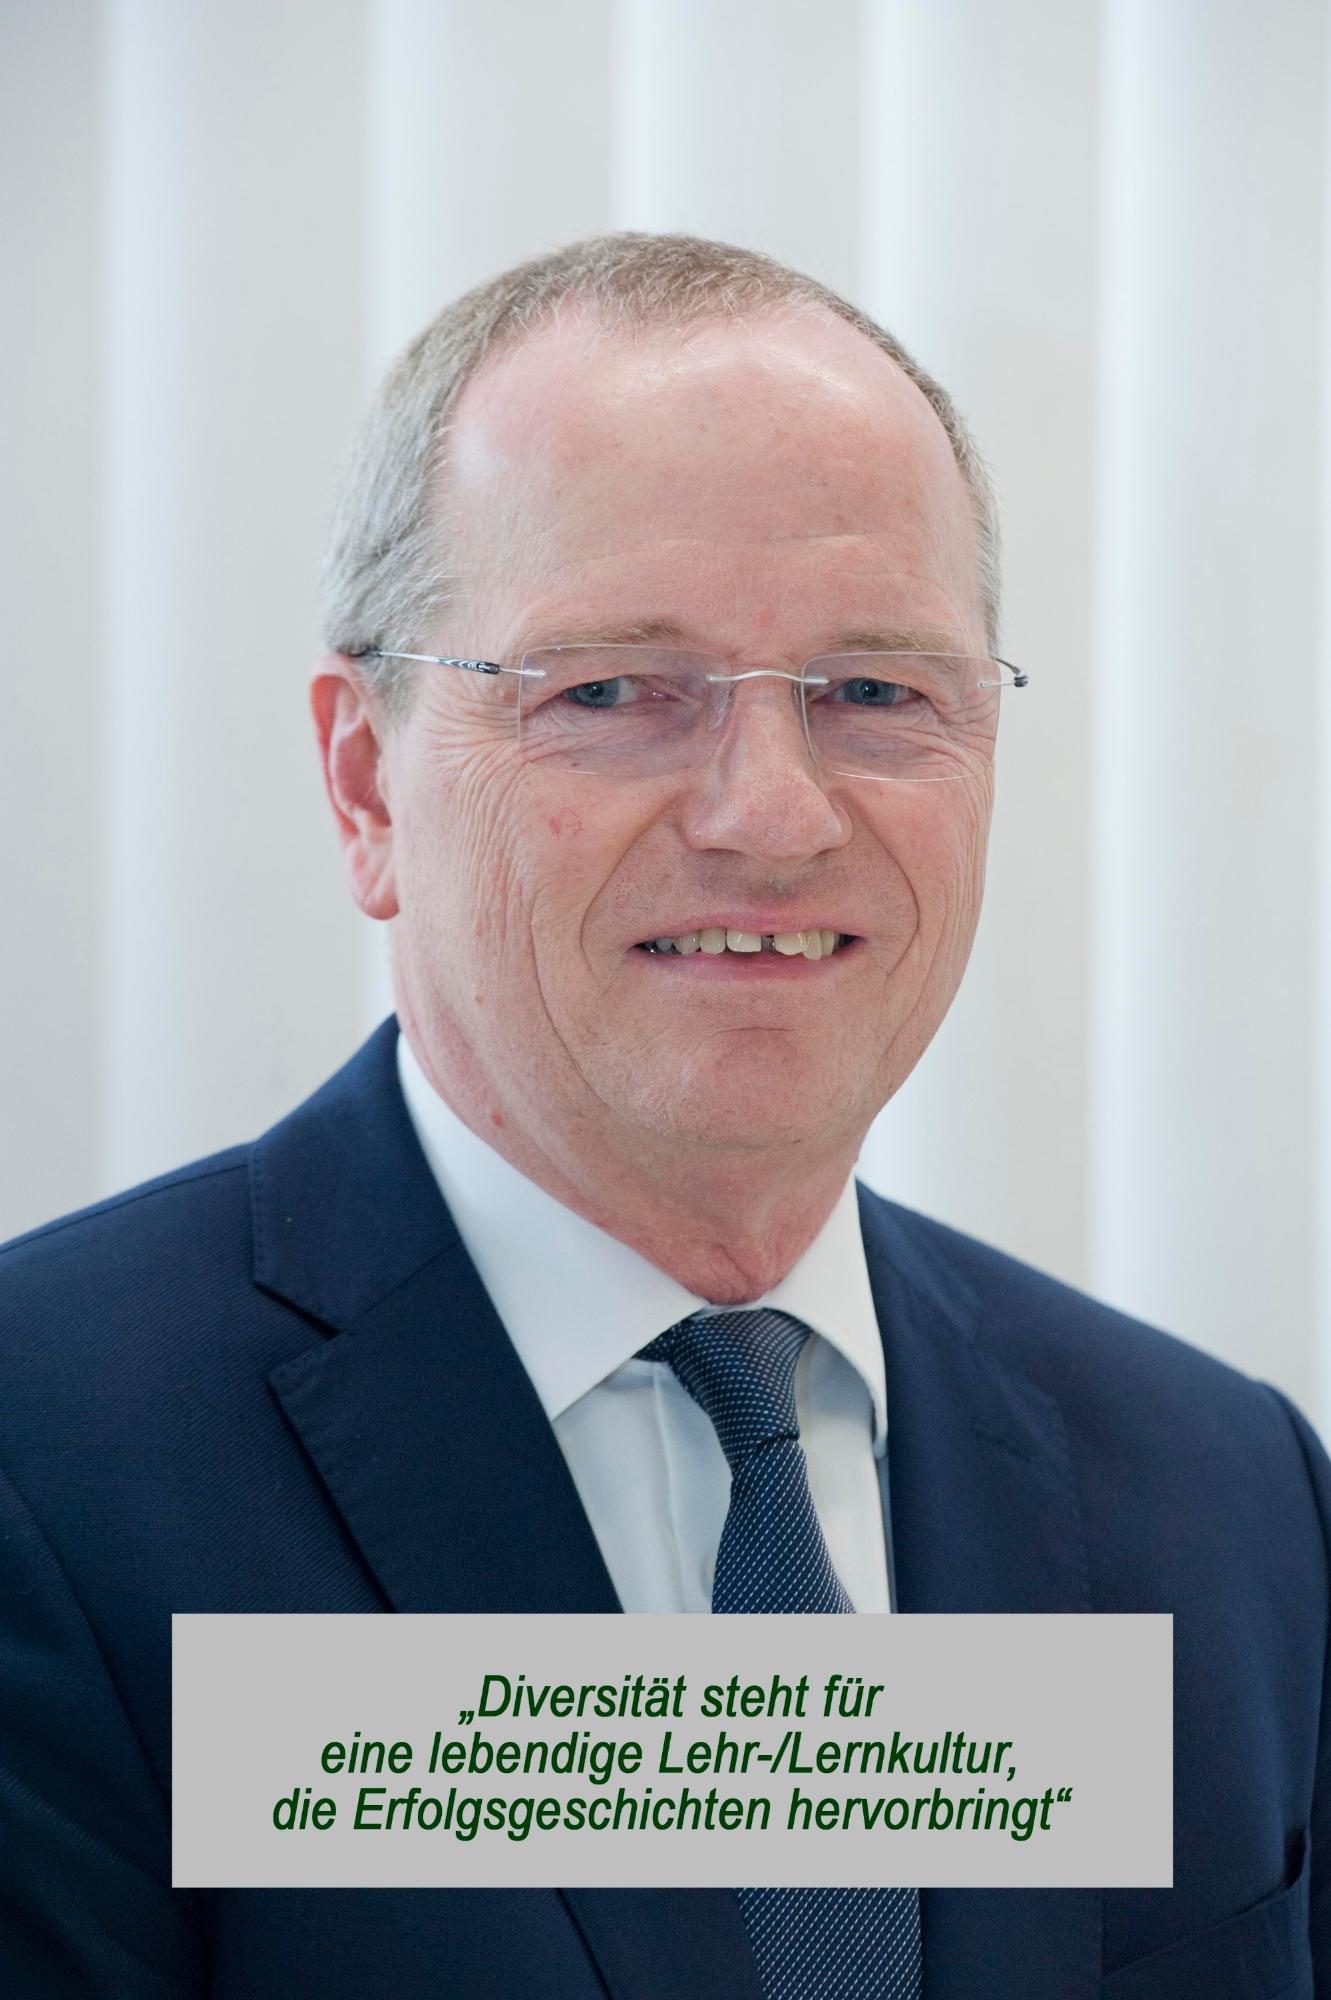 Prof. Dr.-Ing. Hansgeorg Binz, Prorektor Lehre und Weiterbildung